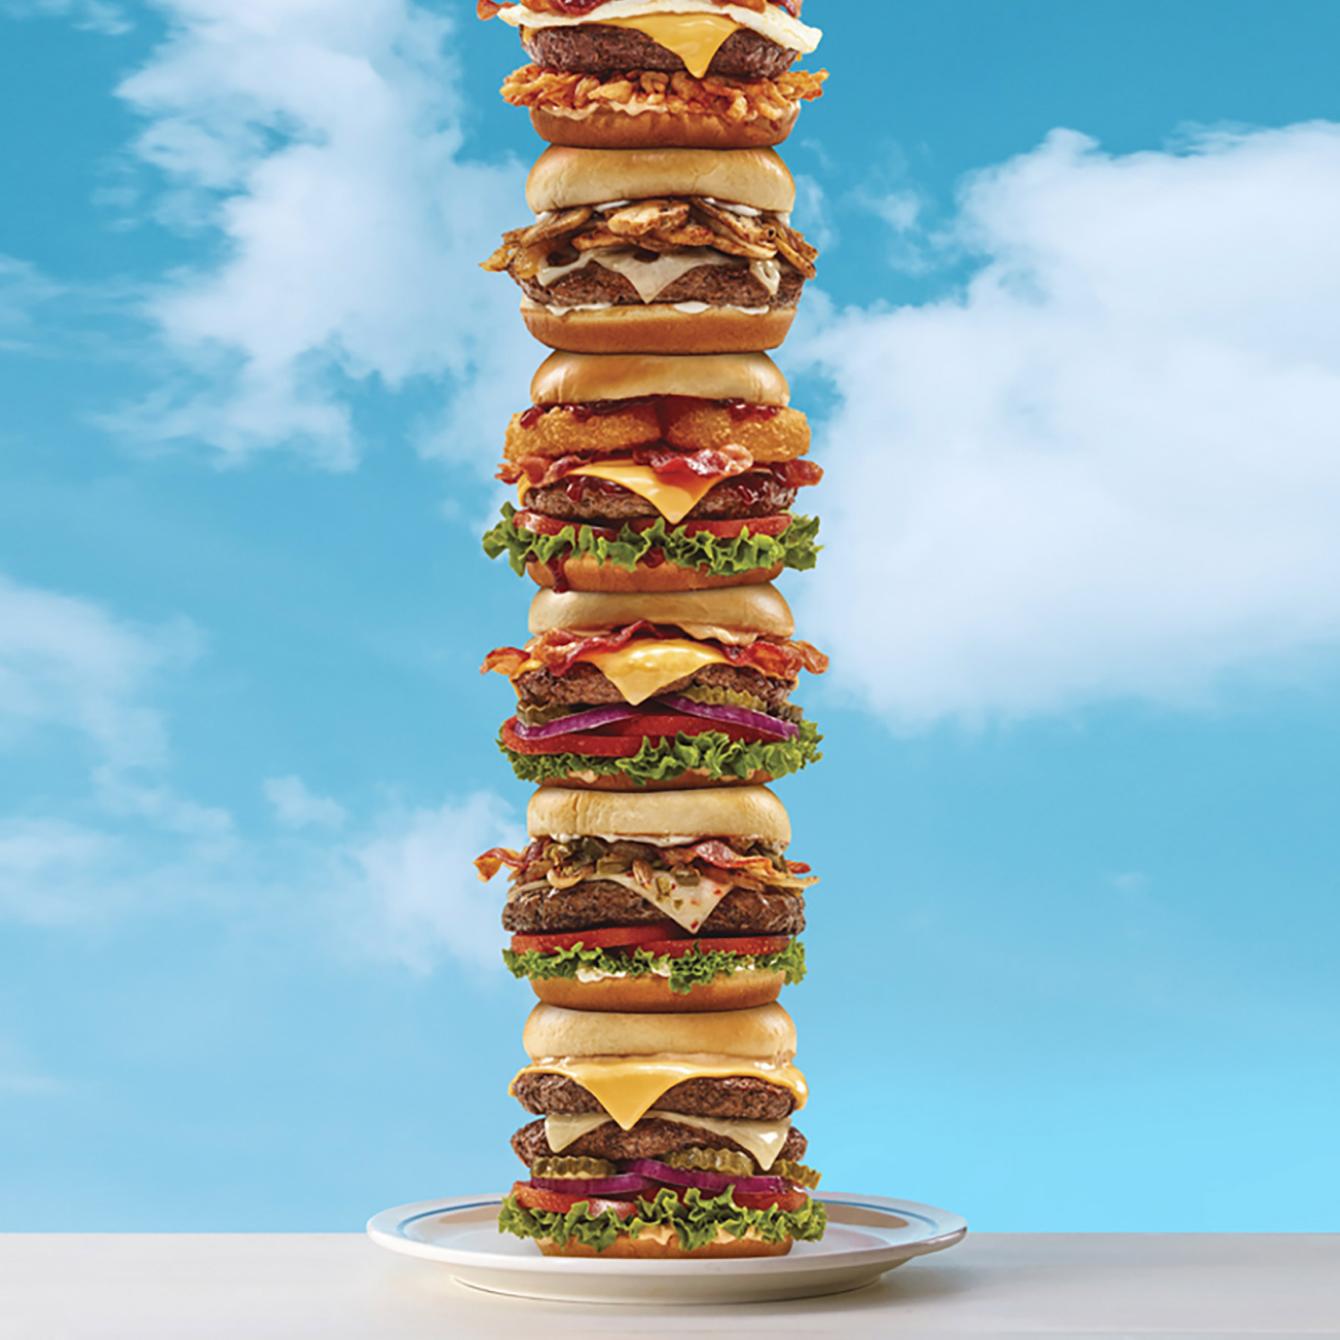 IHOP_BurgerSky